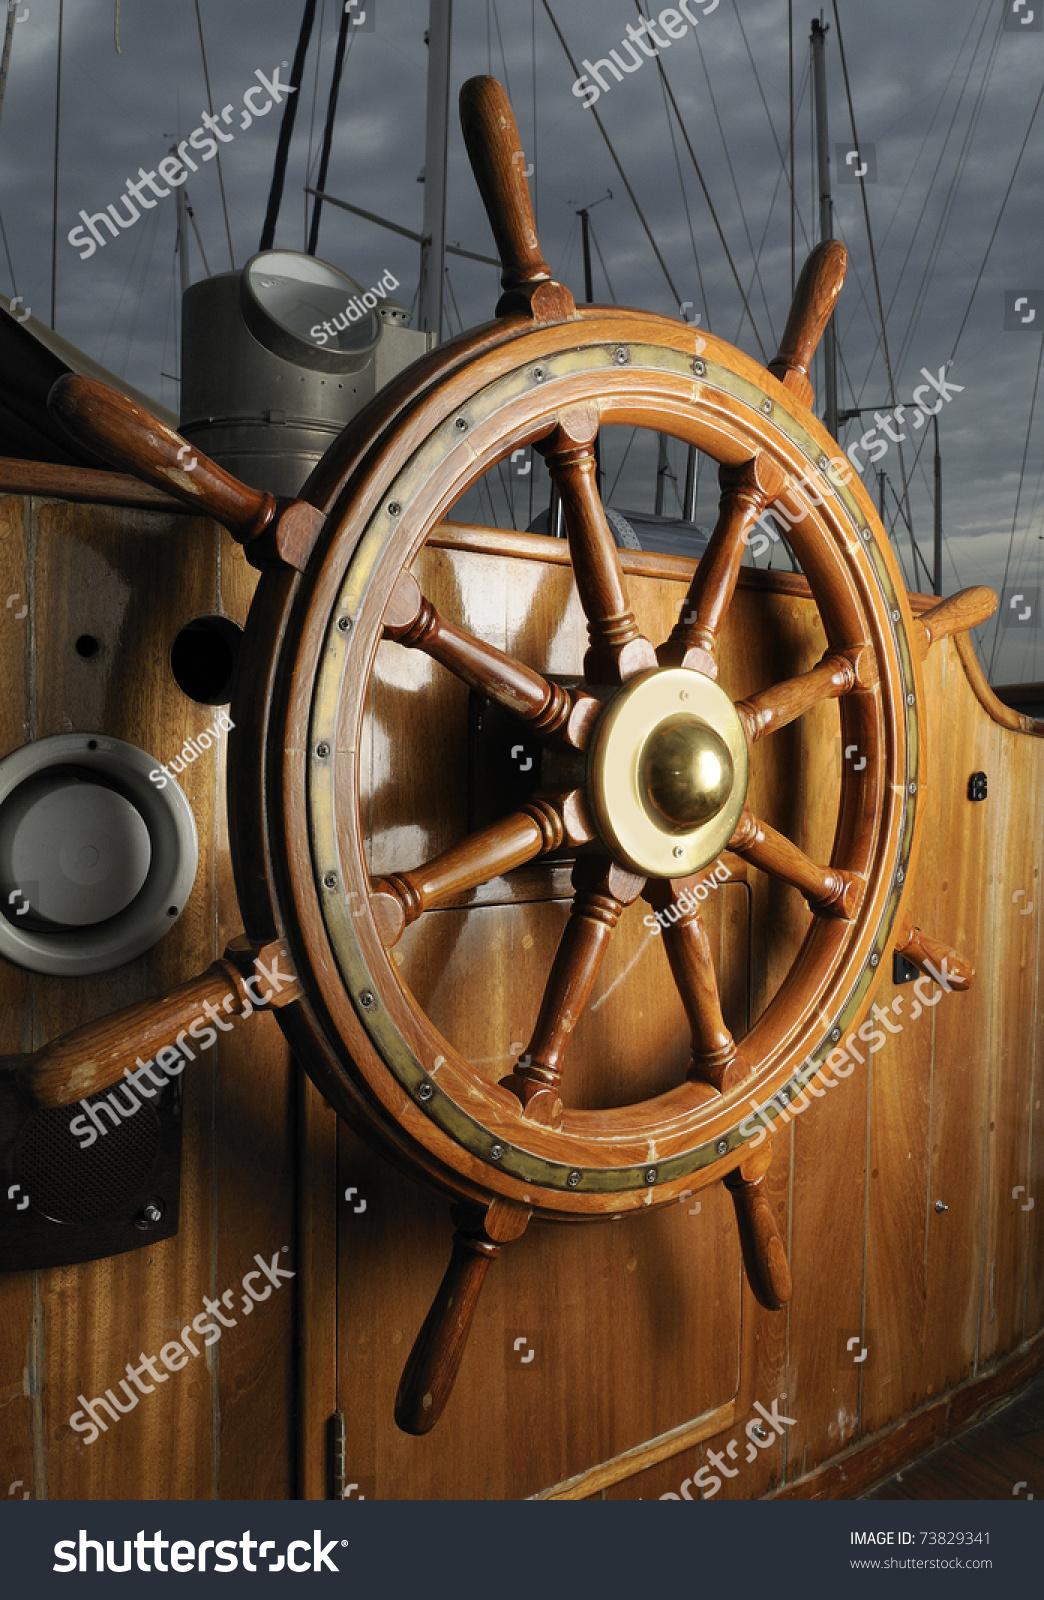 方向盘帆船-交通运输,复古风格-海洛创意(hellorf)--.